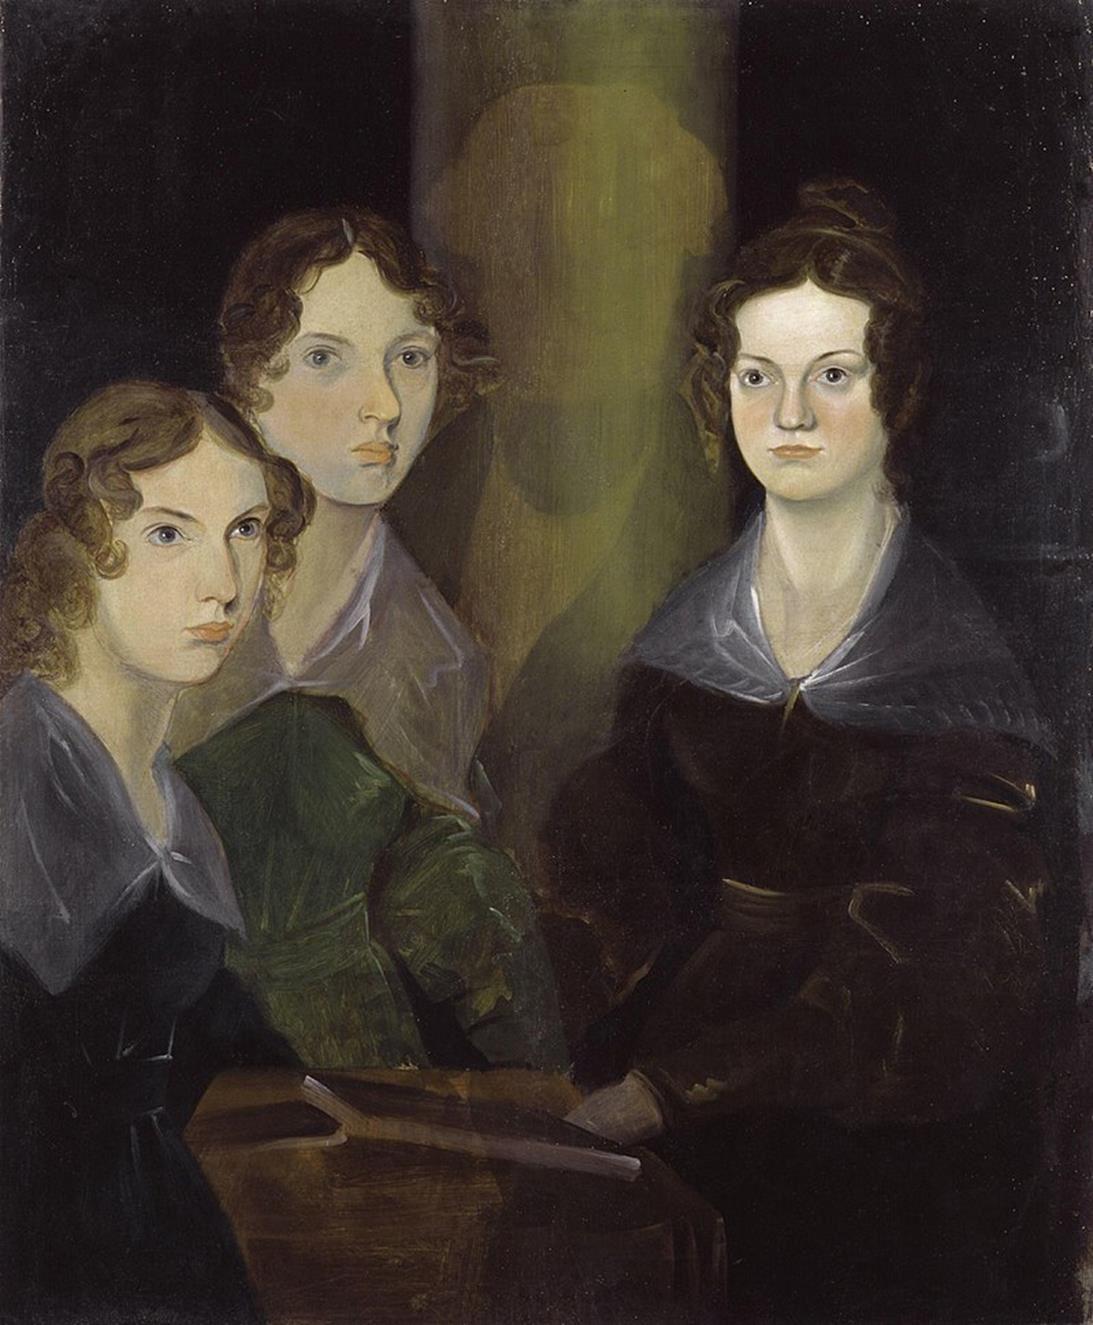 Charlotte, Emily och Anne Brontë var tre försynta prästdöttrar under första halvan av 1800-talet, som levde sina korta liv i en liten avkrok på den nordengelska landsbygden i relativ obemärkthet.